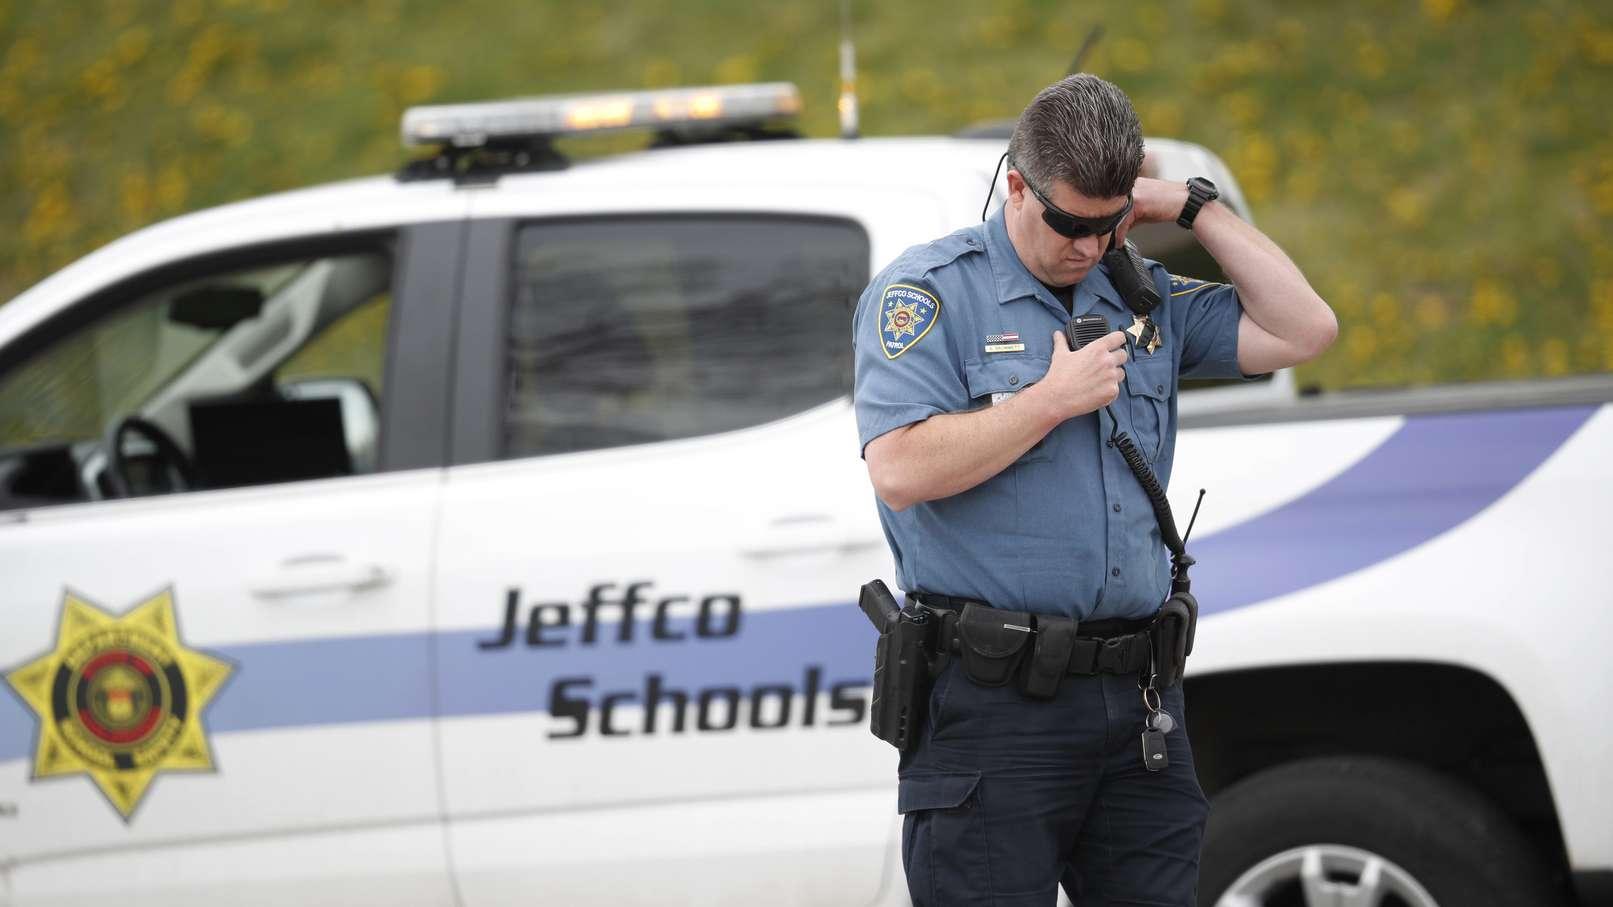 USA, Littleton: Ein Polizist steht vor der Columbine High School, während Schüler diese verlassen.